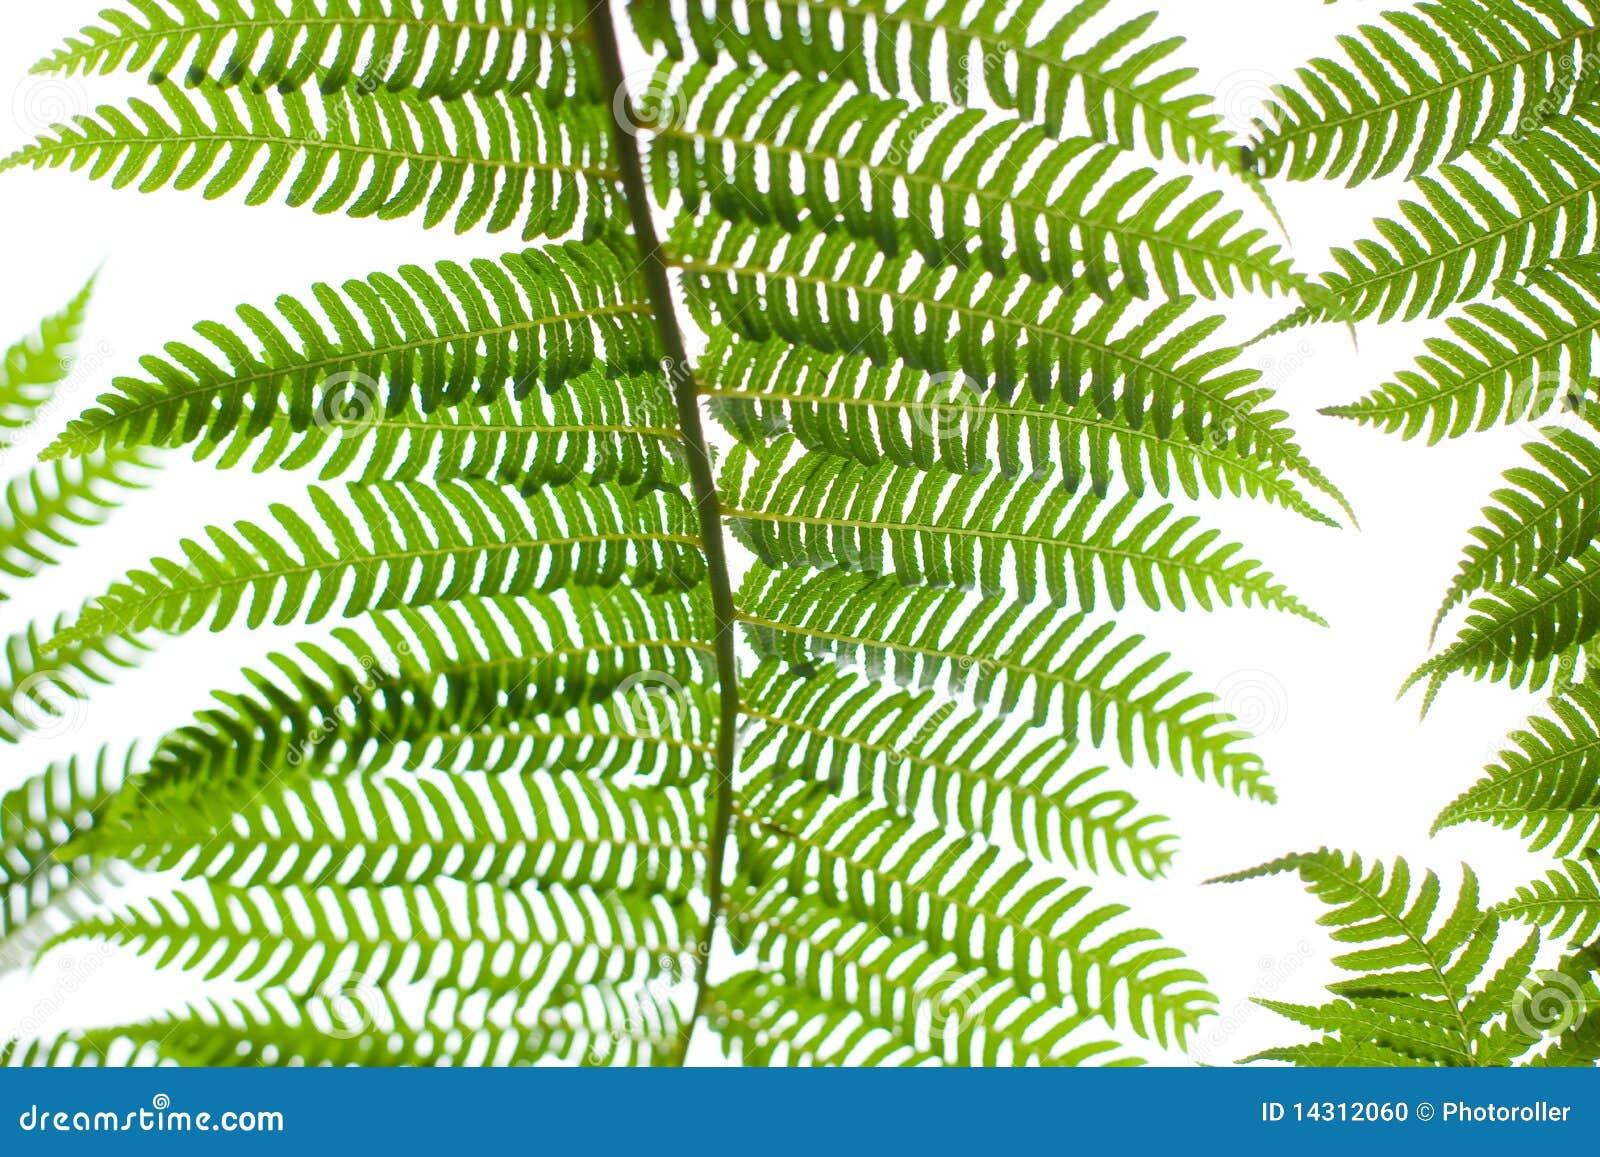 pianta della felce fotografia stock immagine 14312060